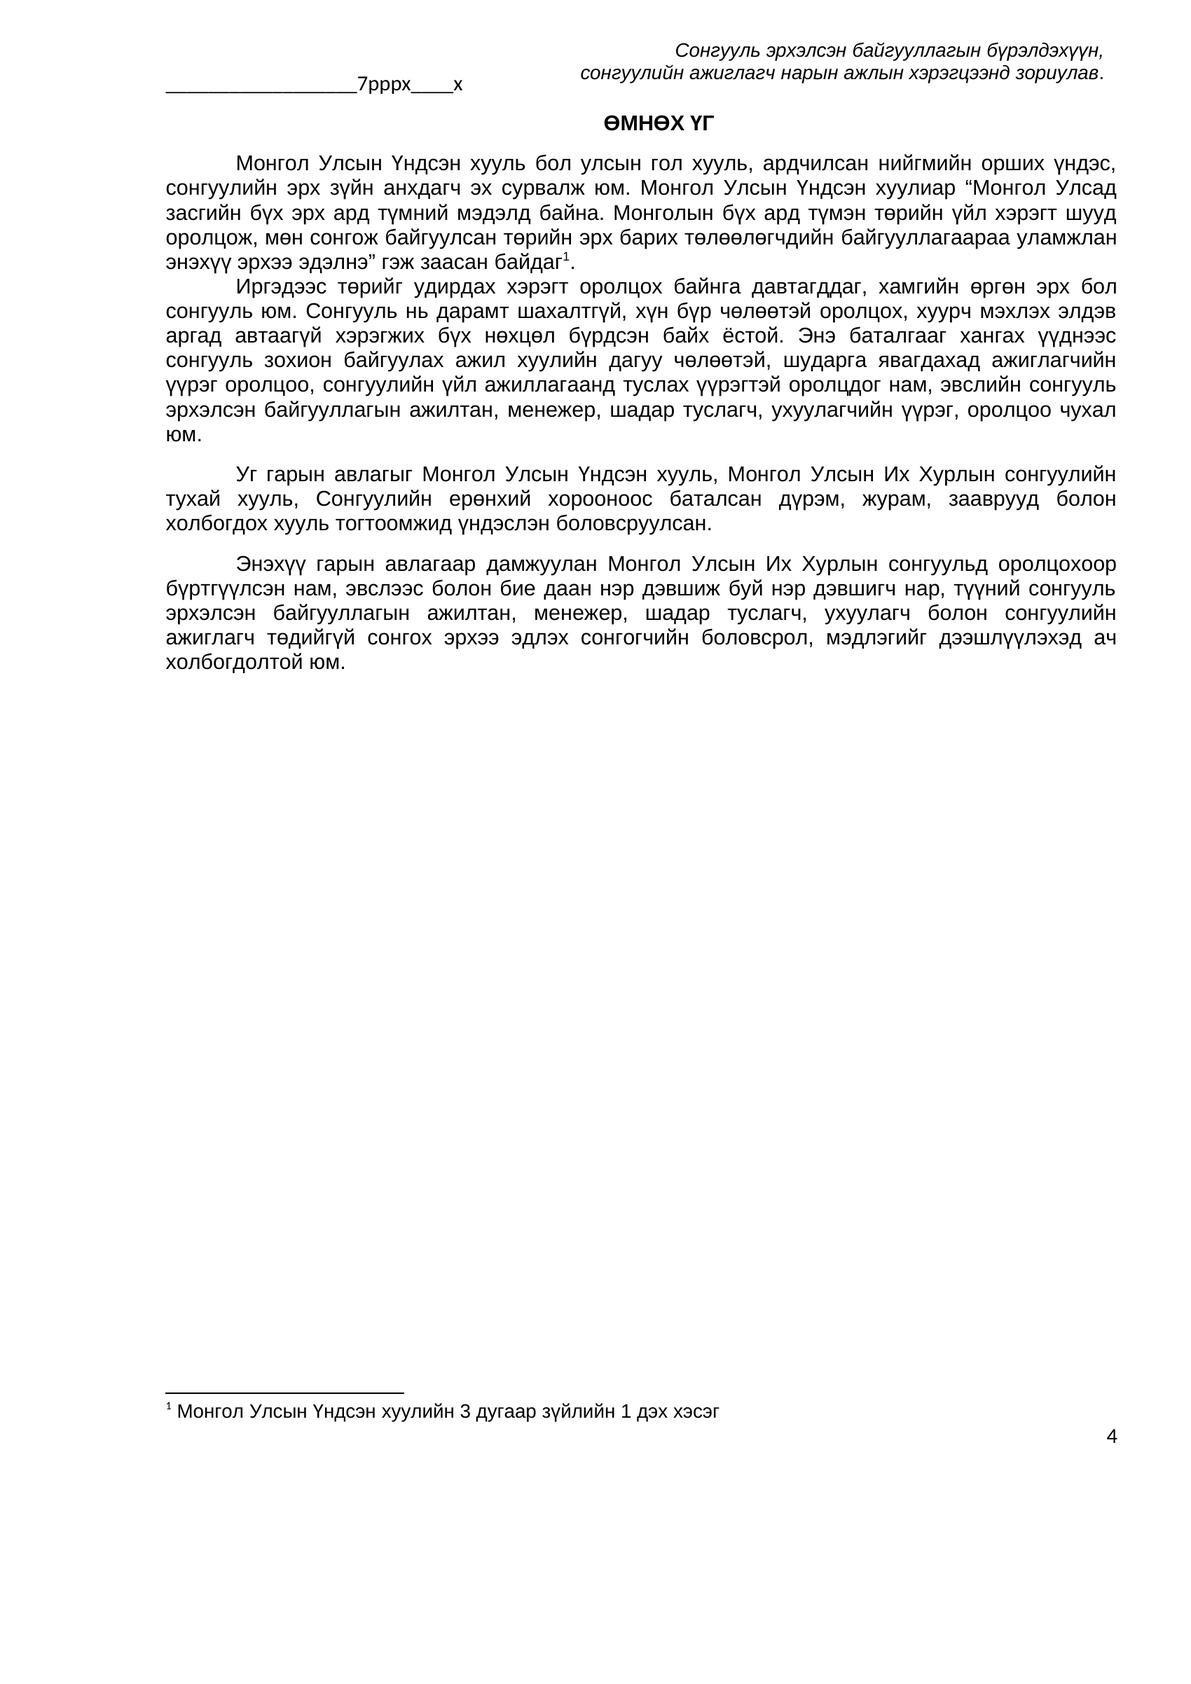 Сонгуулийн гарын авлага - 2020 (2020 Election Handbook)-3